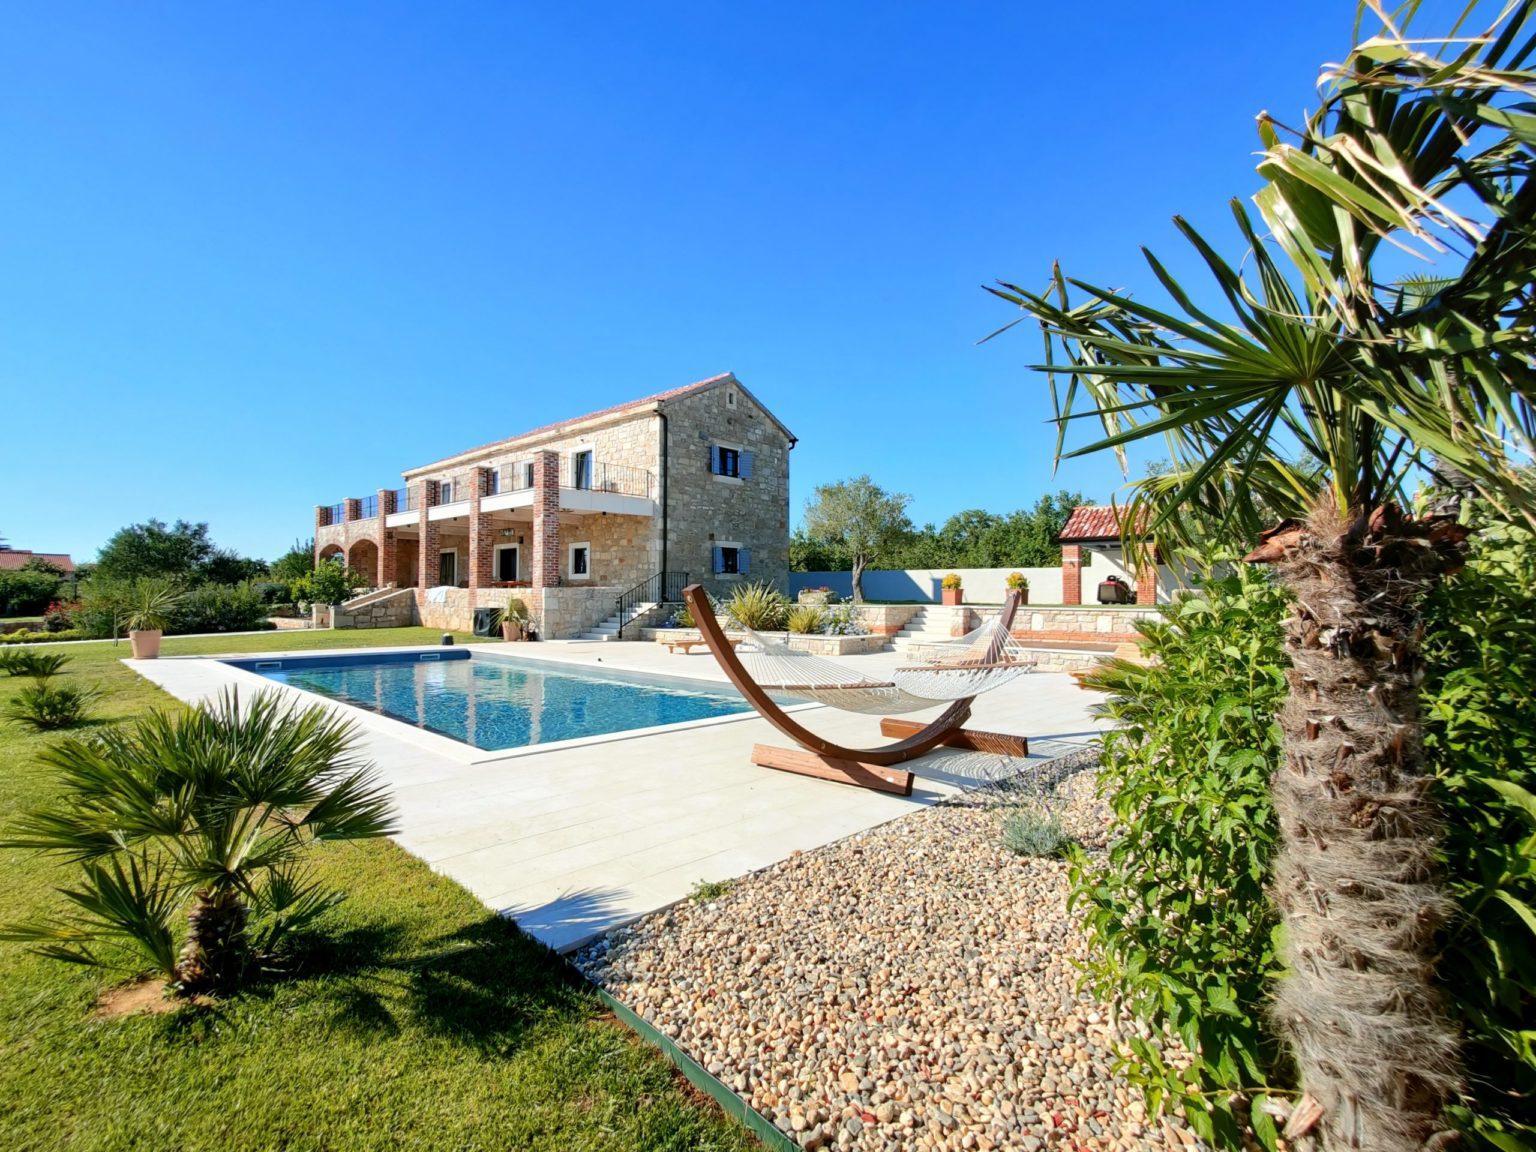 hochzeitslocation Kroatien location hochzeit heiraten 3 9 scaled - Moderne Villa